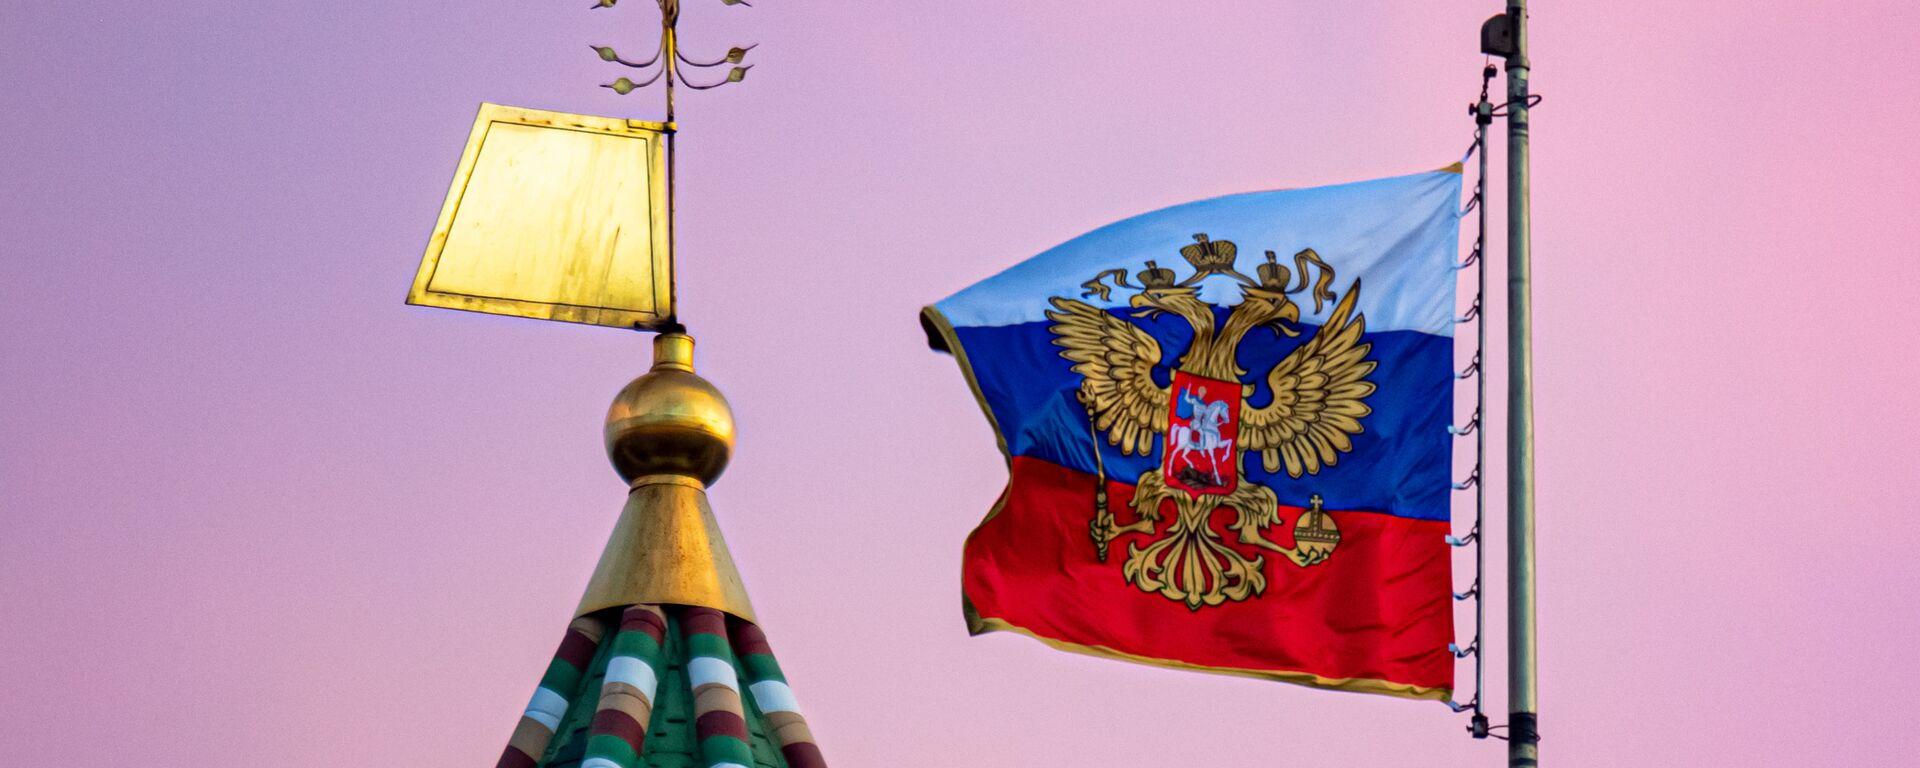 La bandera rusa y una torre del Kremlin de Moscú - Sputnik Mundo, 1920, 22.04.2021